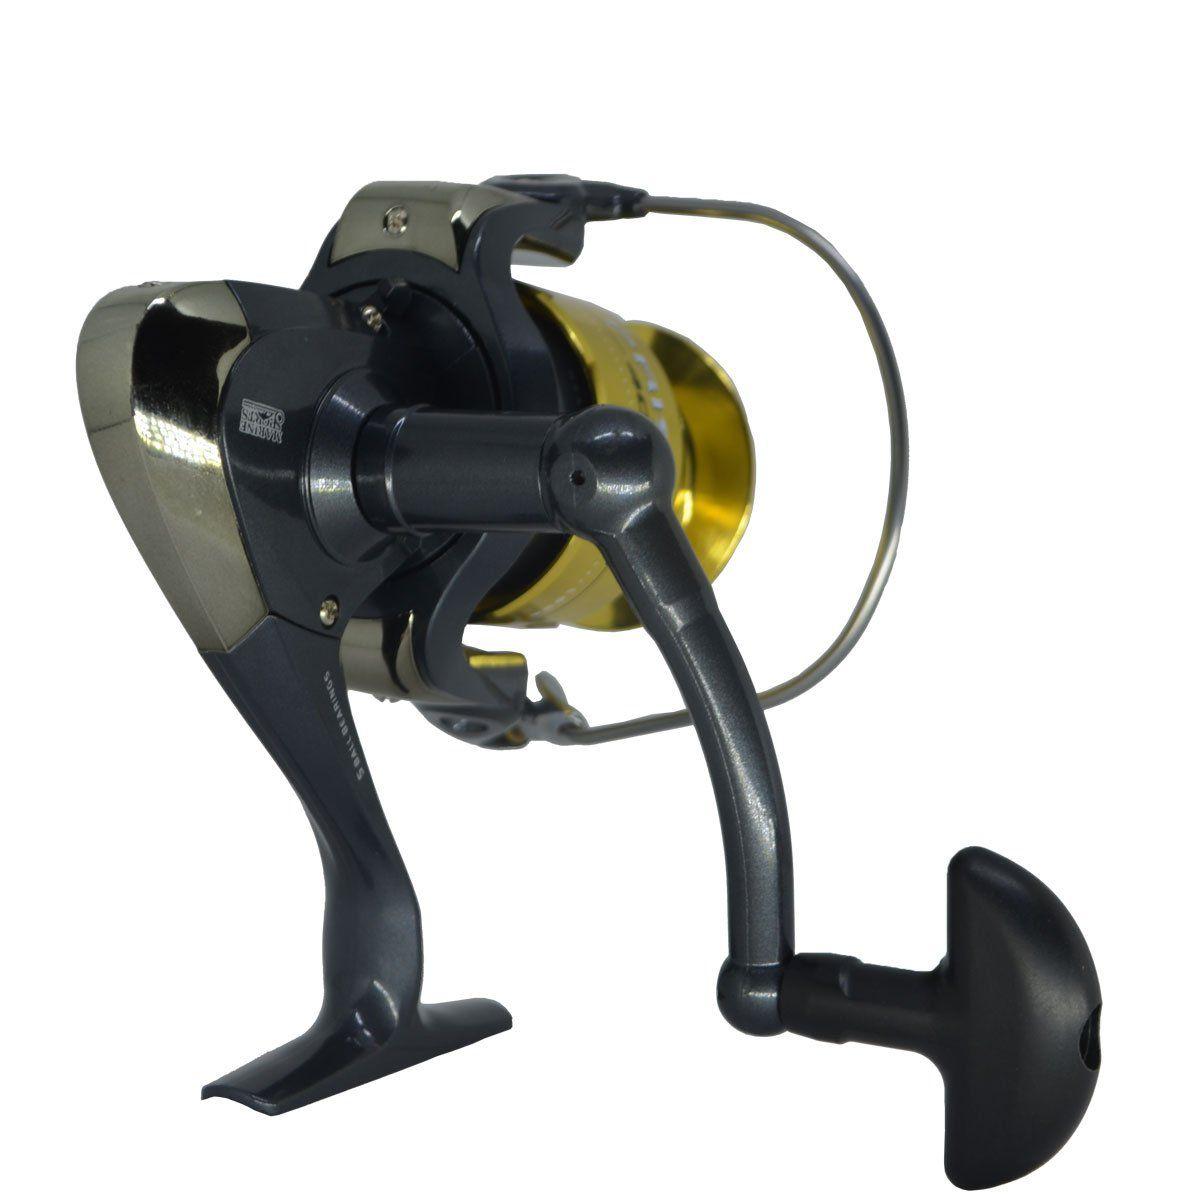 Molinete Marine Sports Prisma 4000 FD Fricção Diant 5 Rols